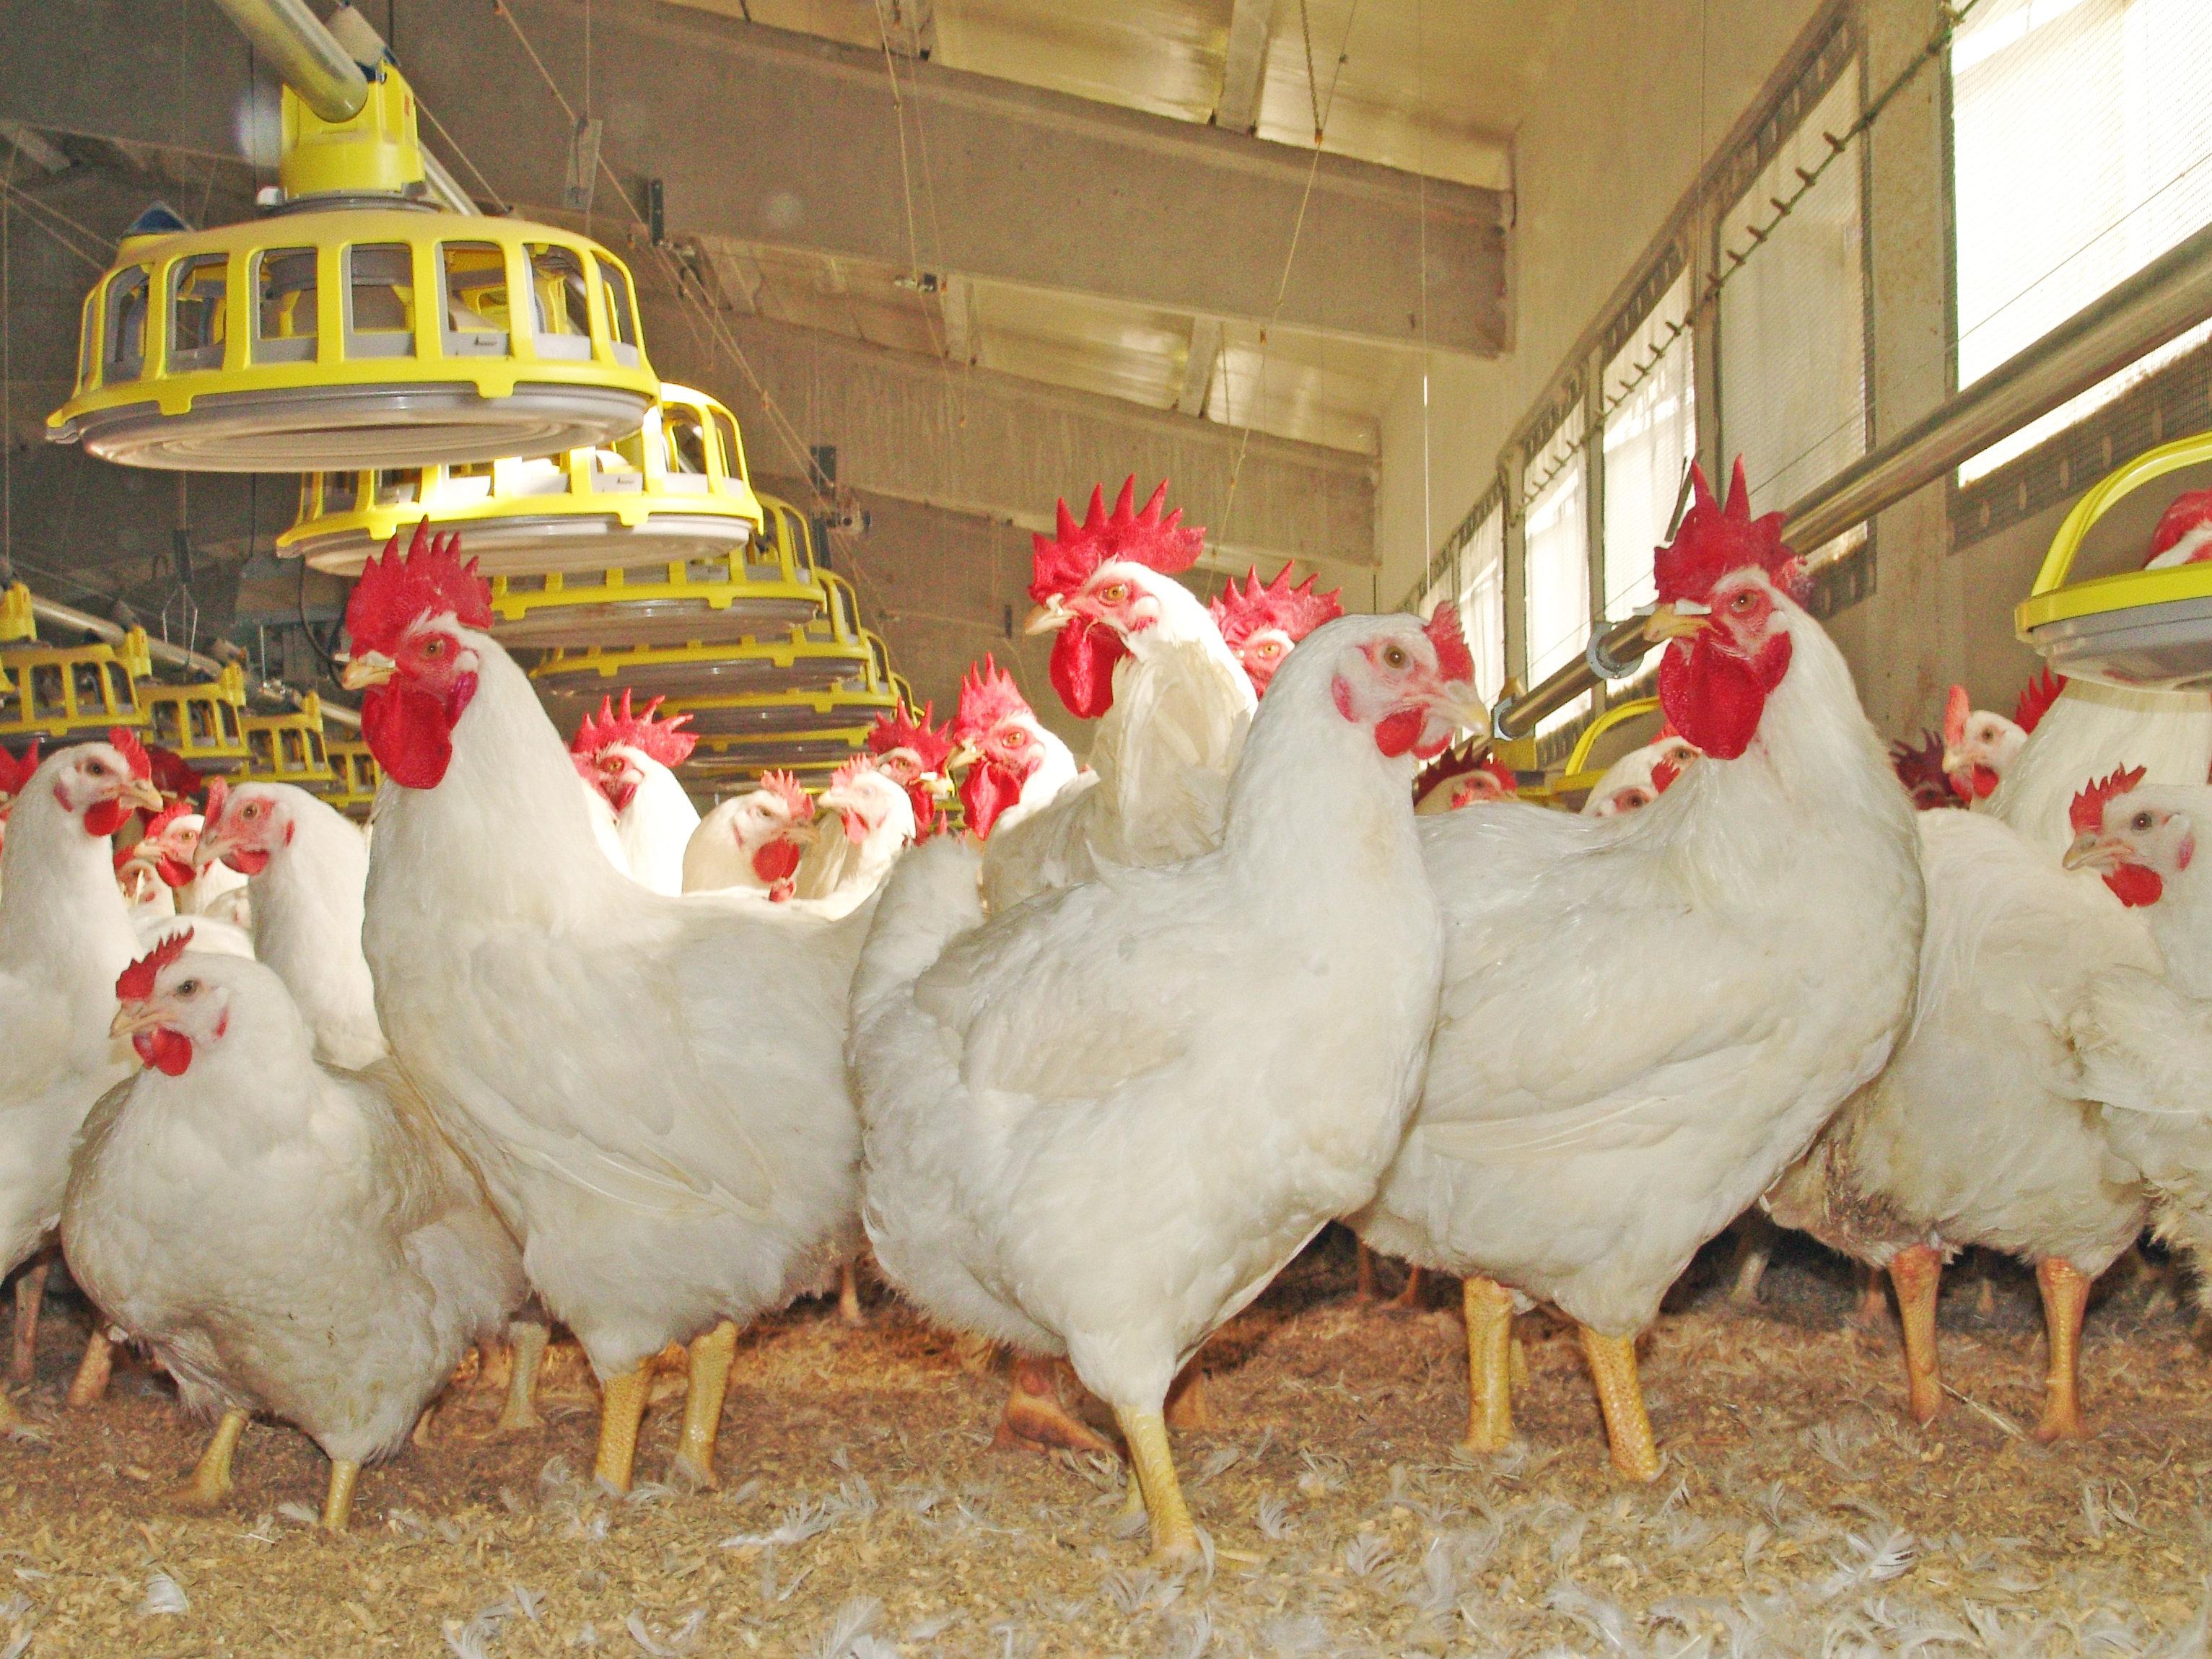 En marcha el centro de referencia para el bienestar de las aves de corral y otros animales pequeños de granja